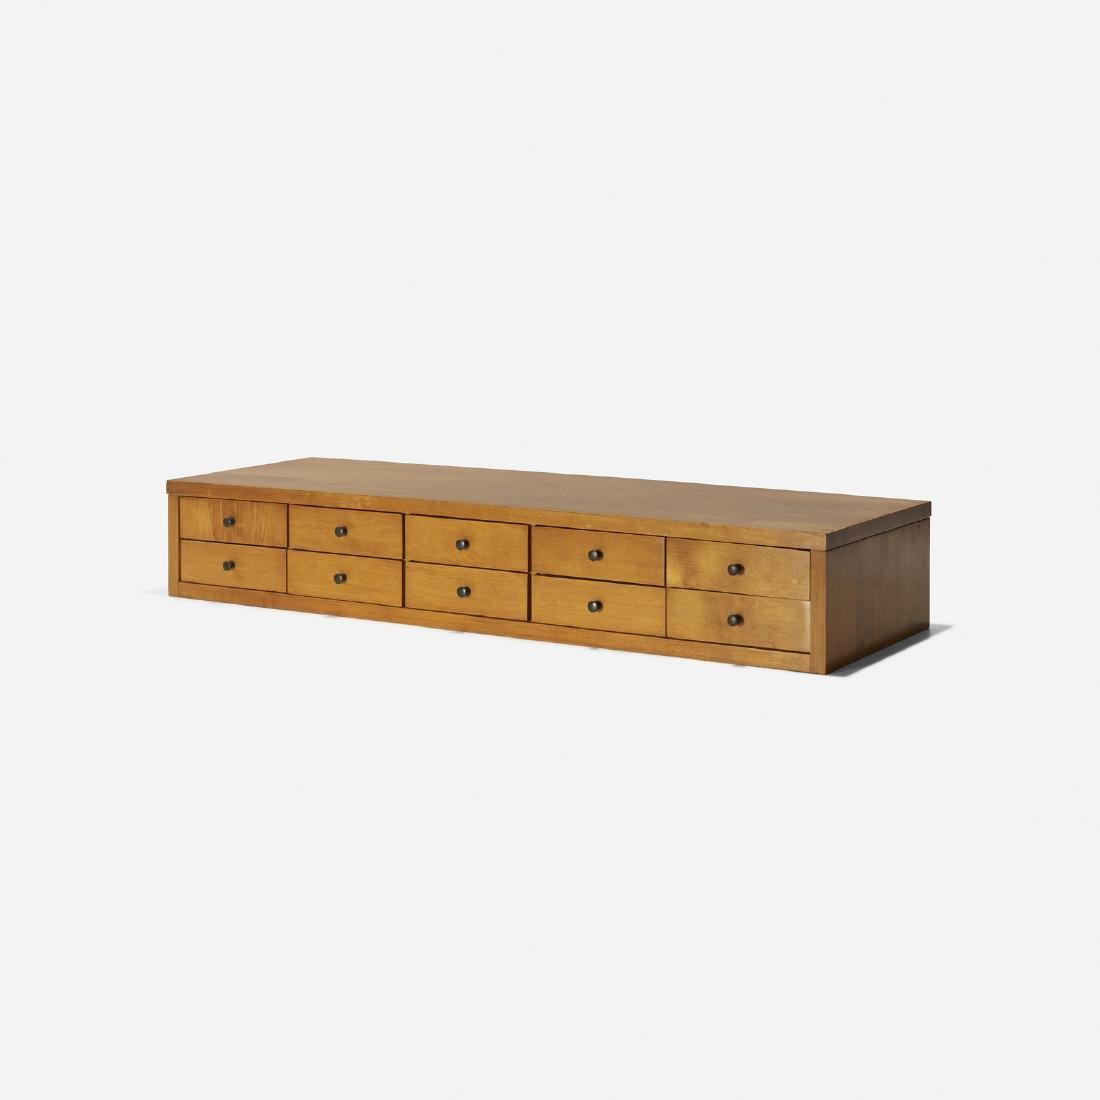 Paul McCobb, Planner Group cabinet, model 1502